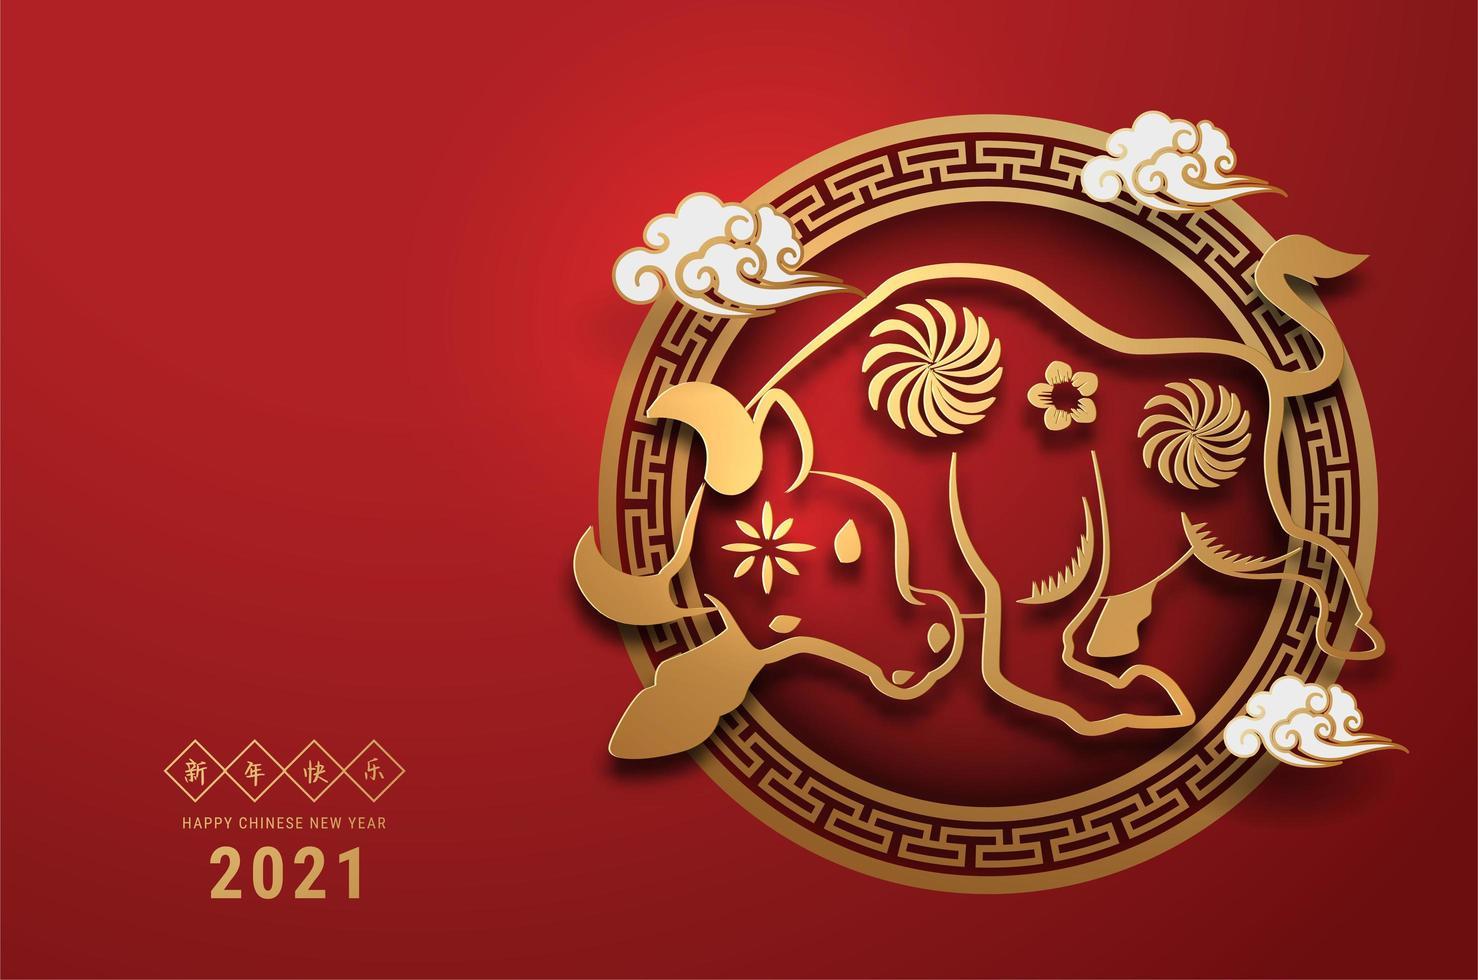 poster di bue tagliato carta ornato per il Capodanno cinese vettore